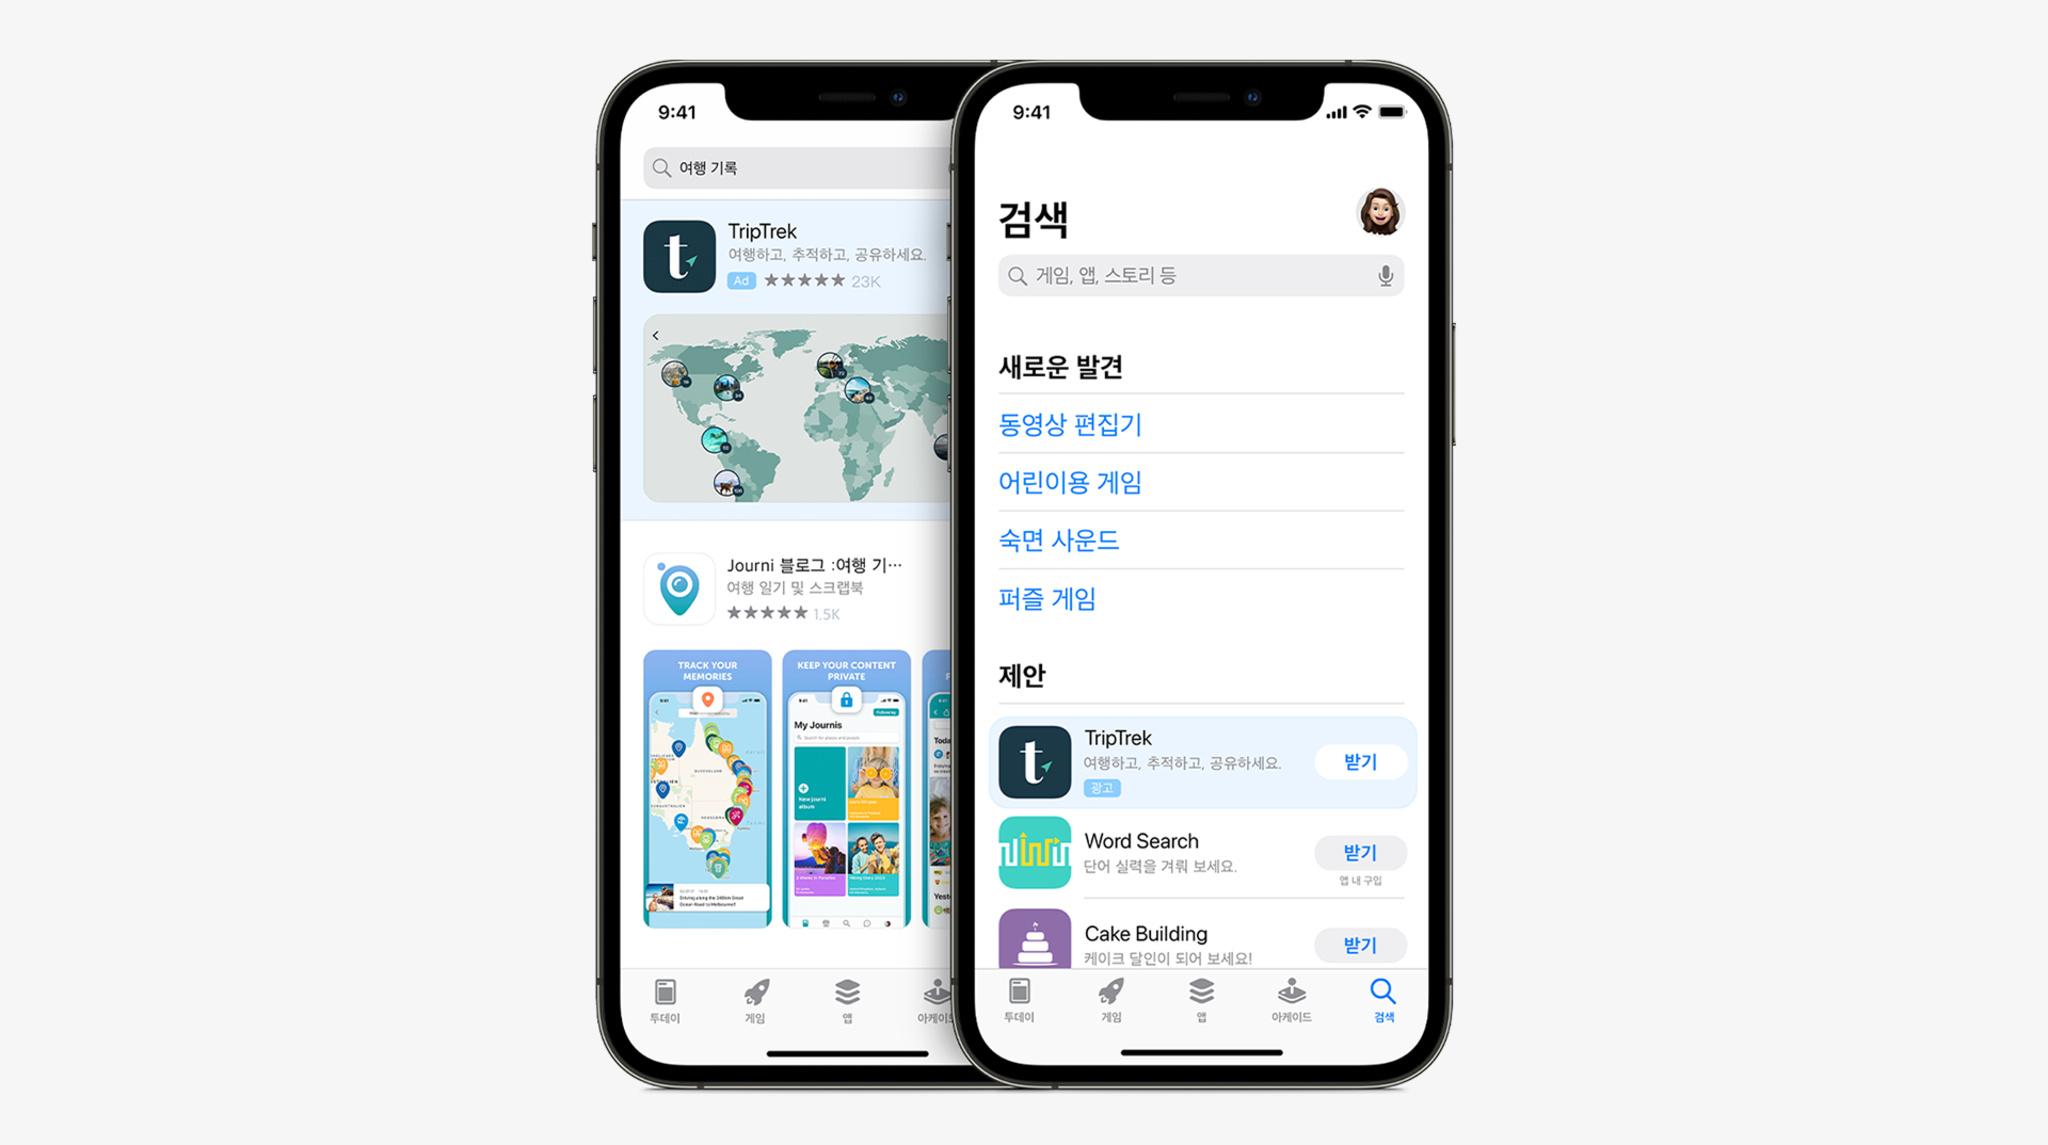 나란히 놓인 두 대의 iPhone이 검색 탭에 광고를 표시합니다. 하나는 검색어를 입력하기 전에 광고를 표시하고 다른 하나는 검색 결과에 광고를 표시합니다.